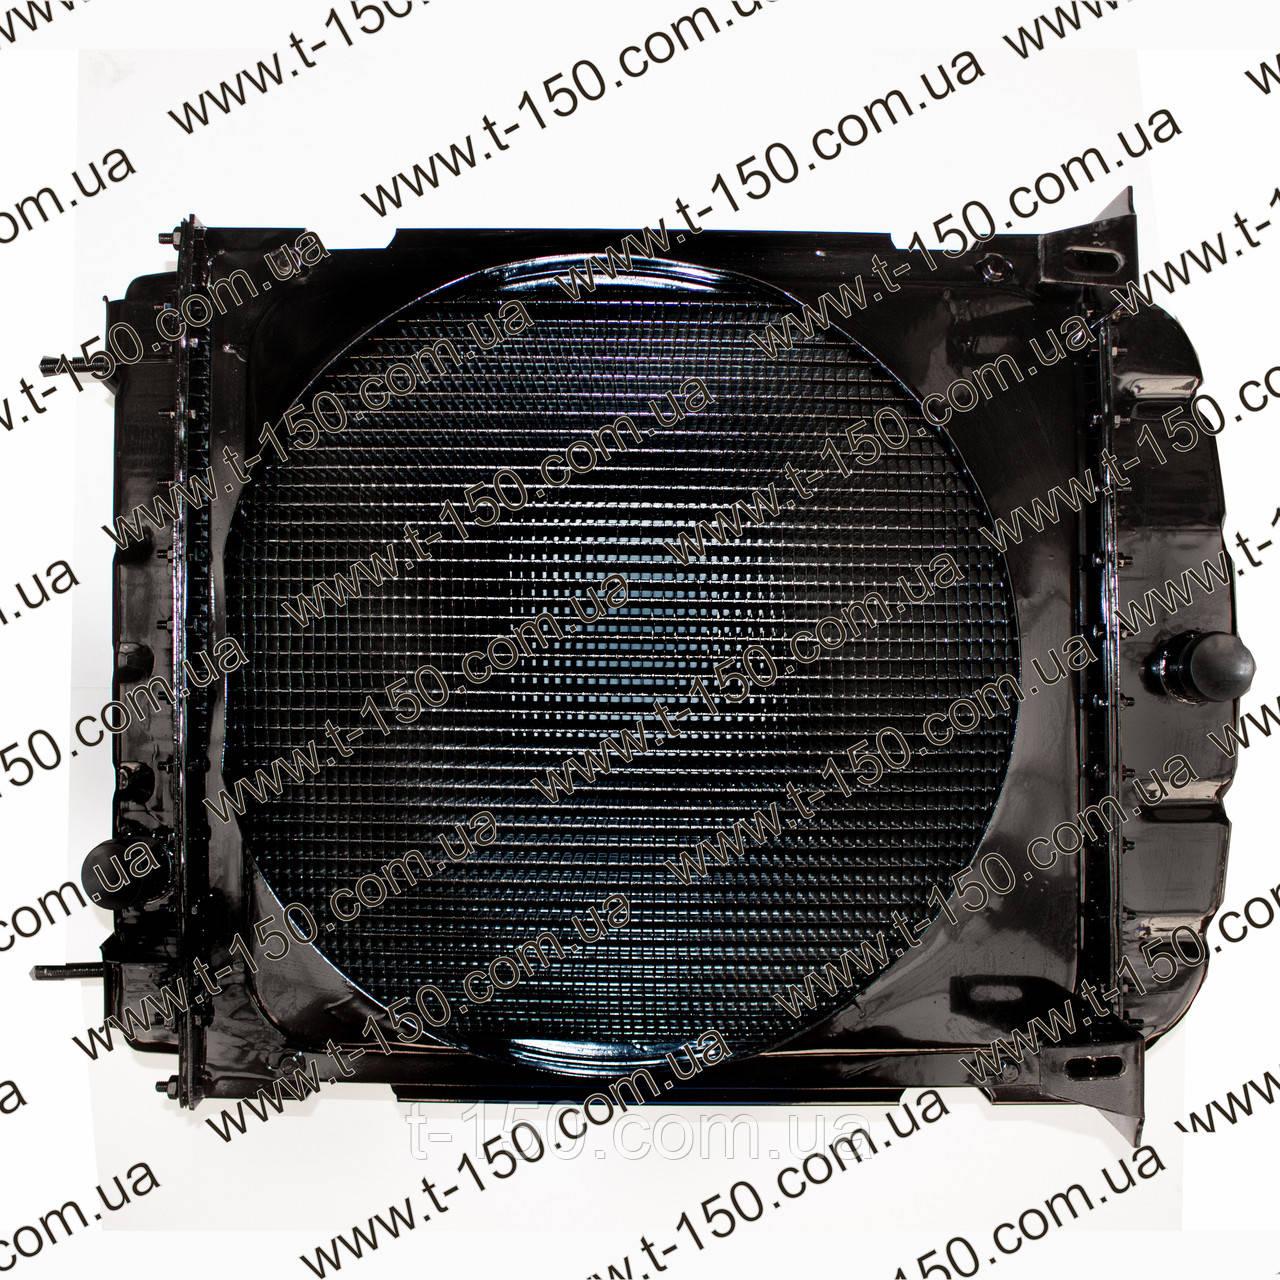 Радиатор водяного охлаждения ЮМЗ нового образца медная сердцевина, железные бачки с диффузором, 45-1301.006-А